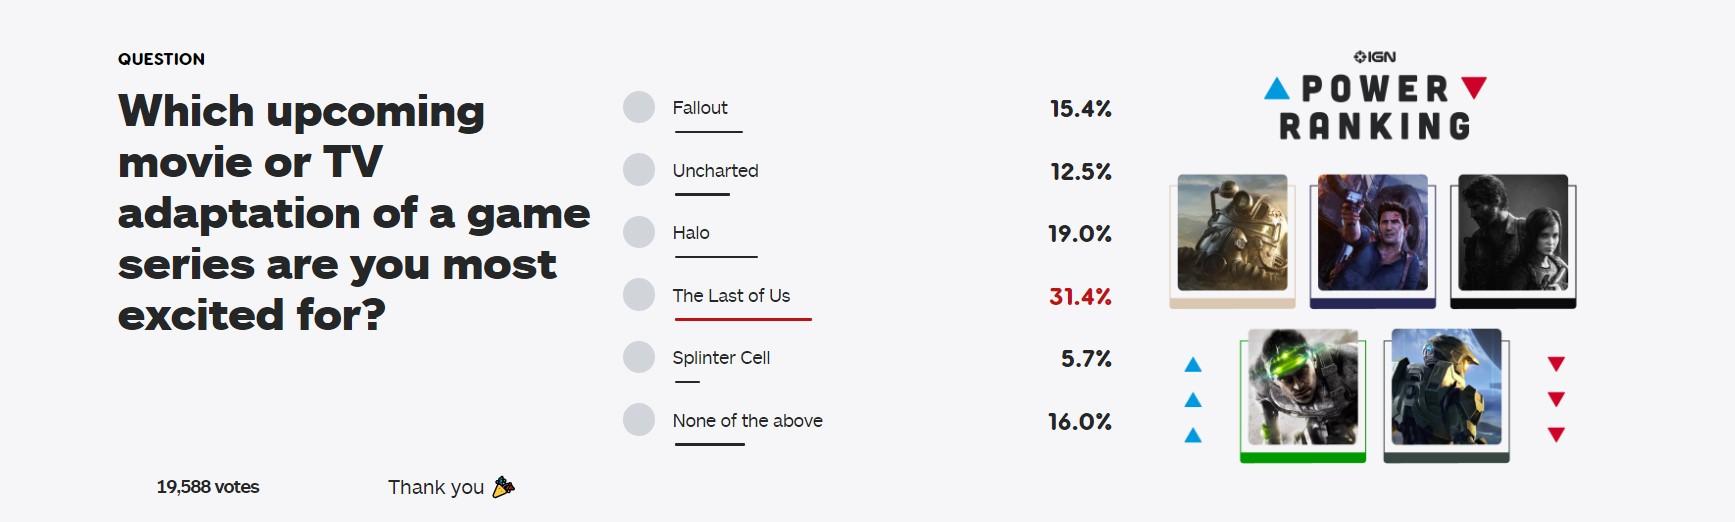 IGN新投票:你最期待哪款游戏改编影视作品?美末登顶